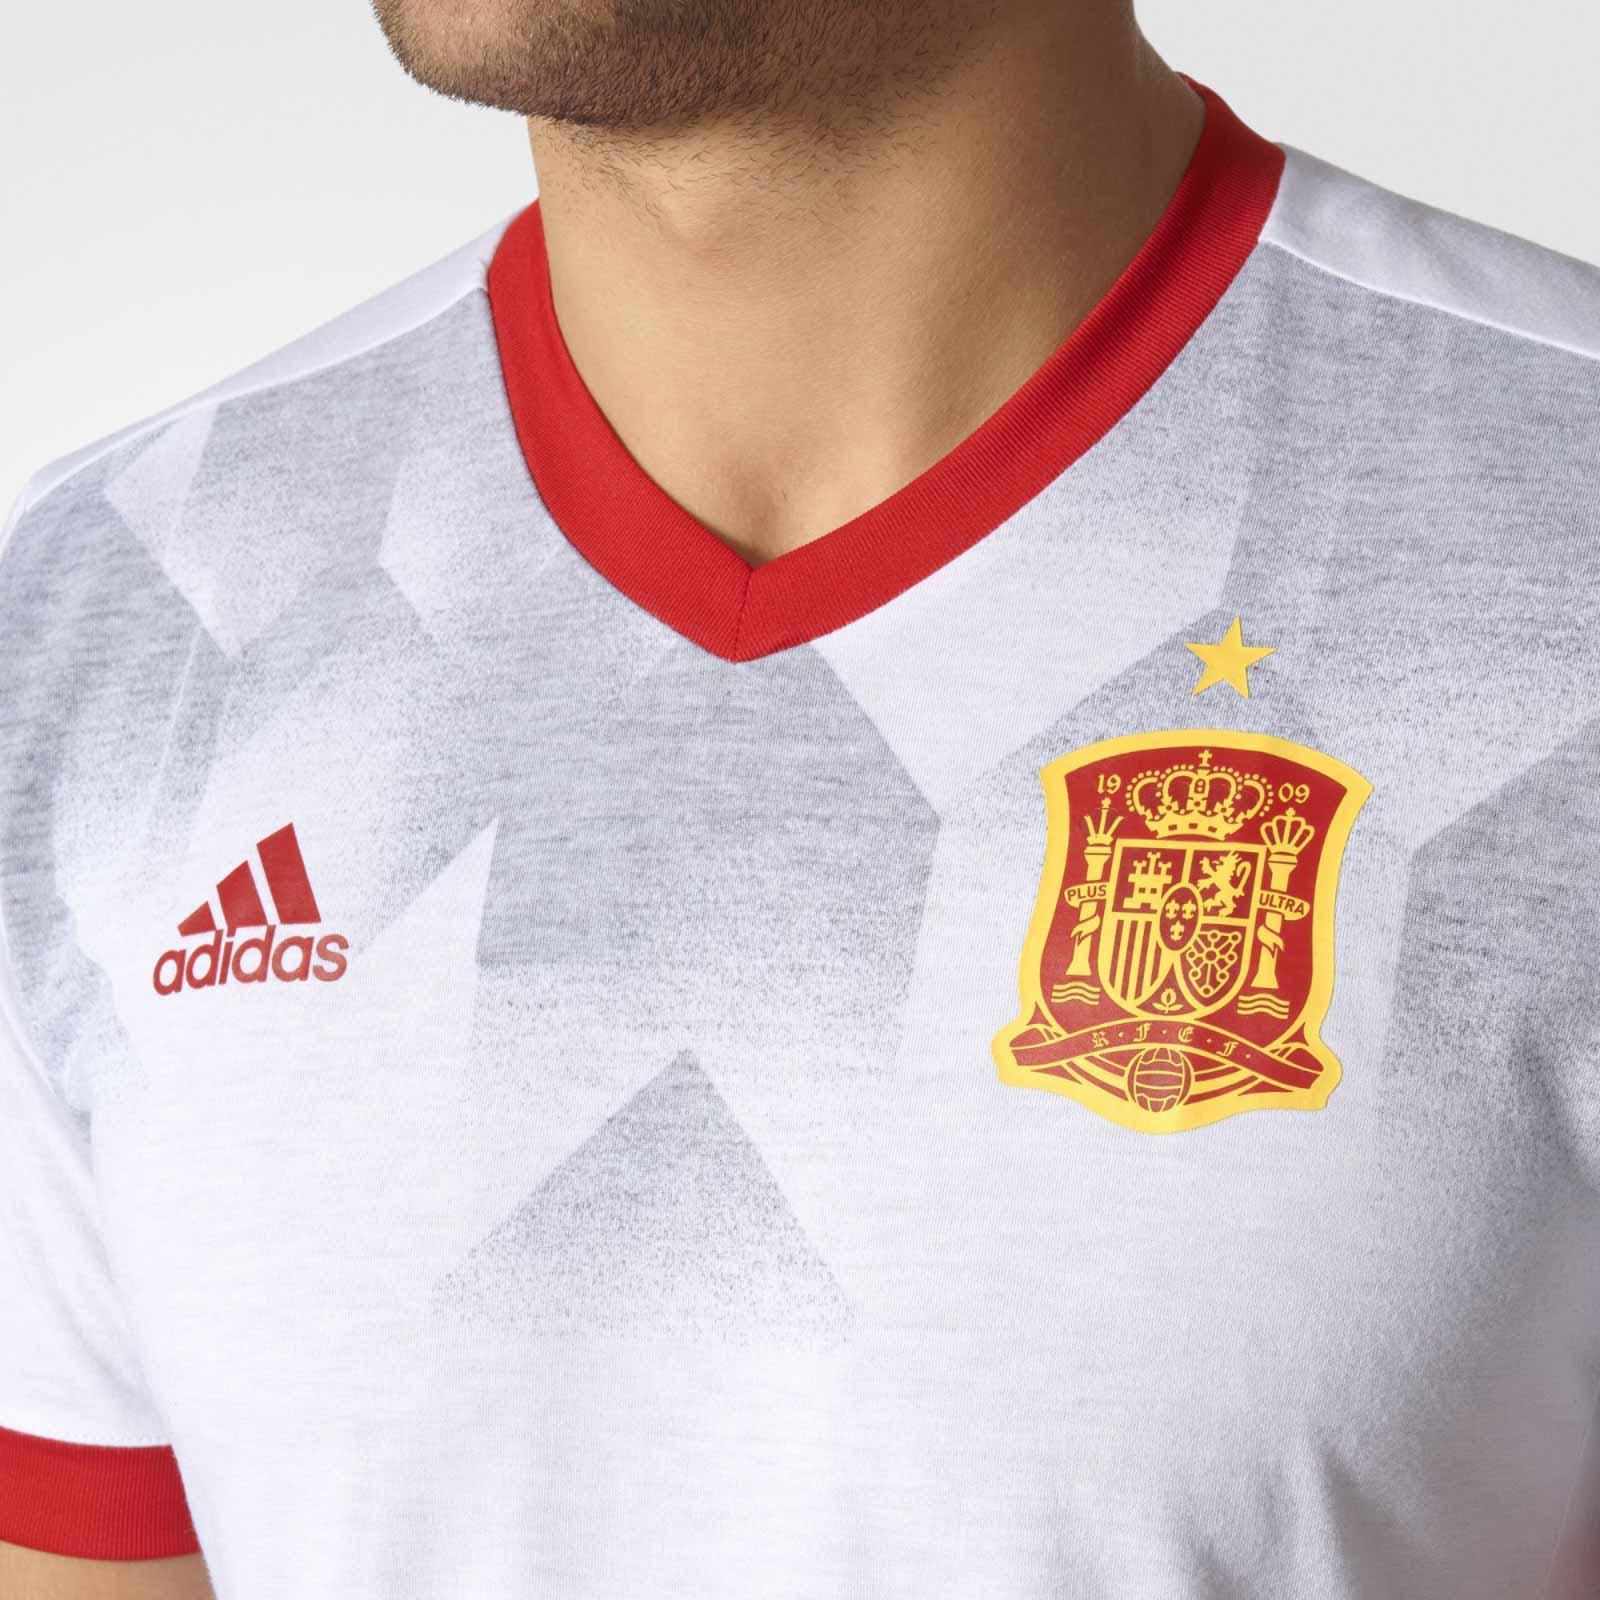 spain-2017-pre-match-shirt-chest